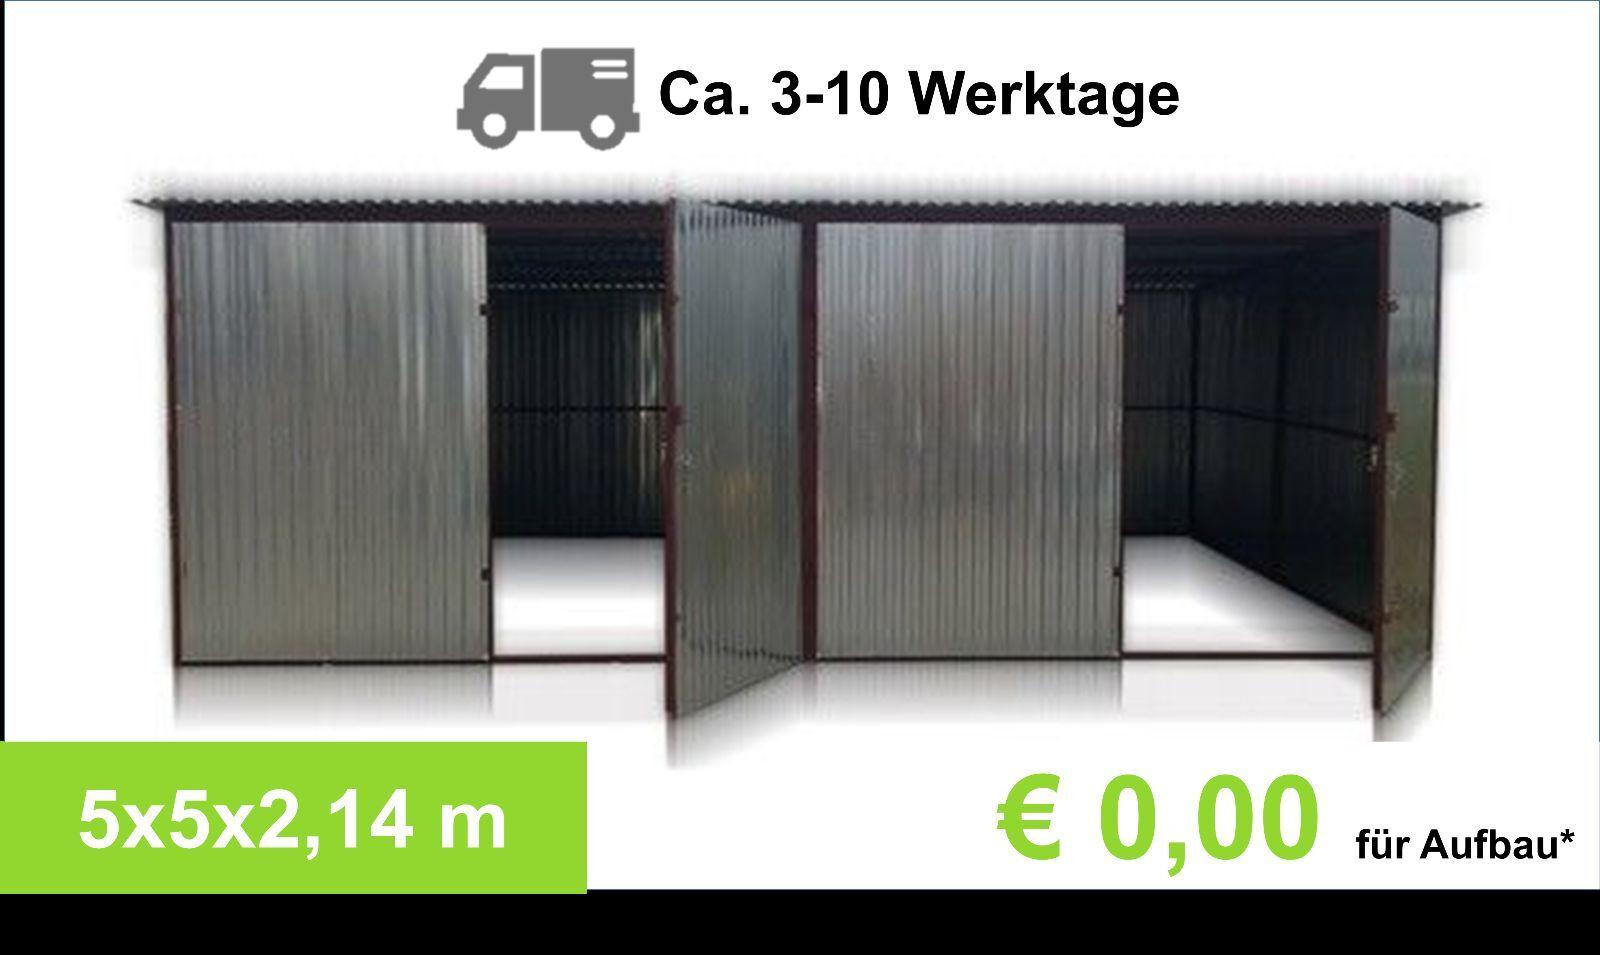 Garage 5x5 m Metallgarage LAGERRAUM GERÄTESCHUPPEN Blechgarage Garagetor